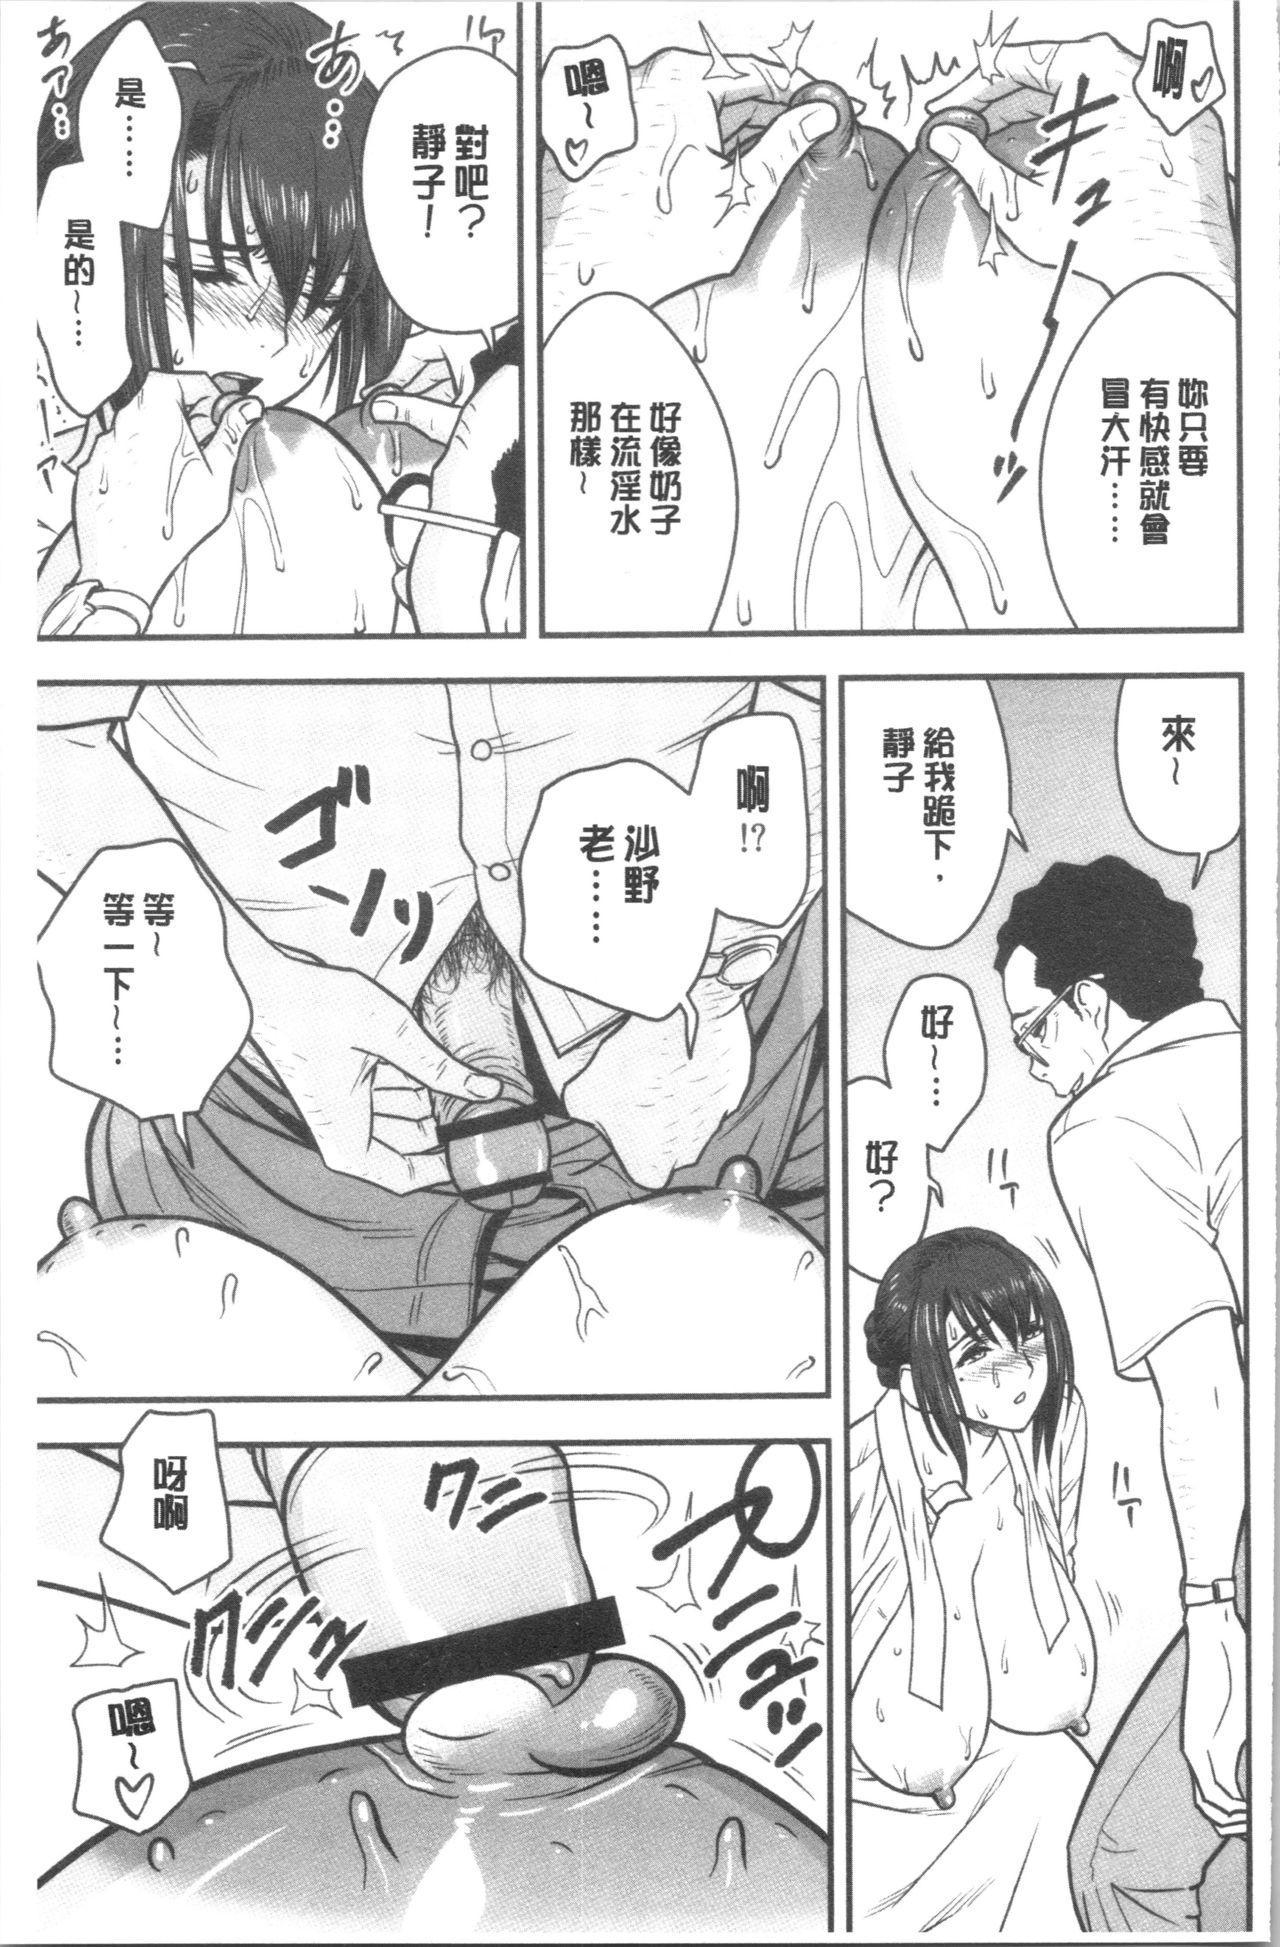 [Tatsunami Youtoku] Dankon Sousai -Hitozuma Kyoushi ga Netorareru made no Kiroku- | 男根想妻 -人妻女教師被寢取偷吃為止的記錄- [Chinese] 125